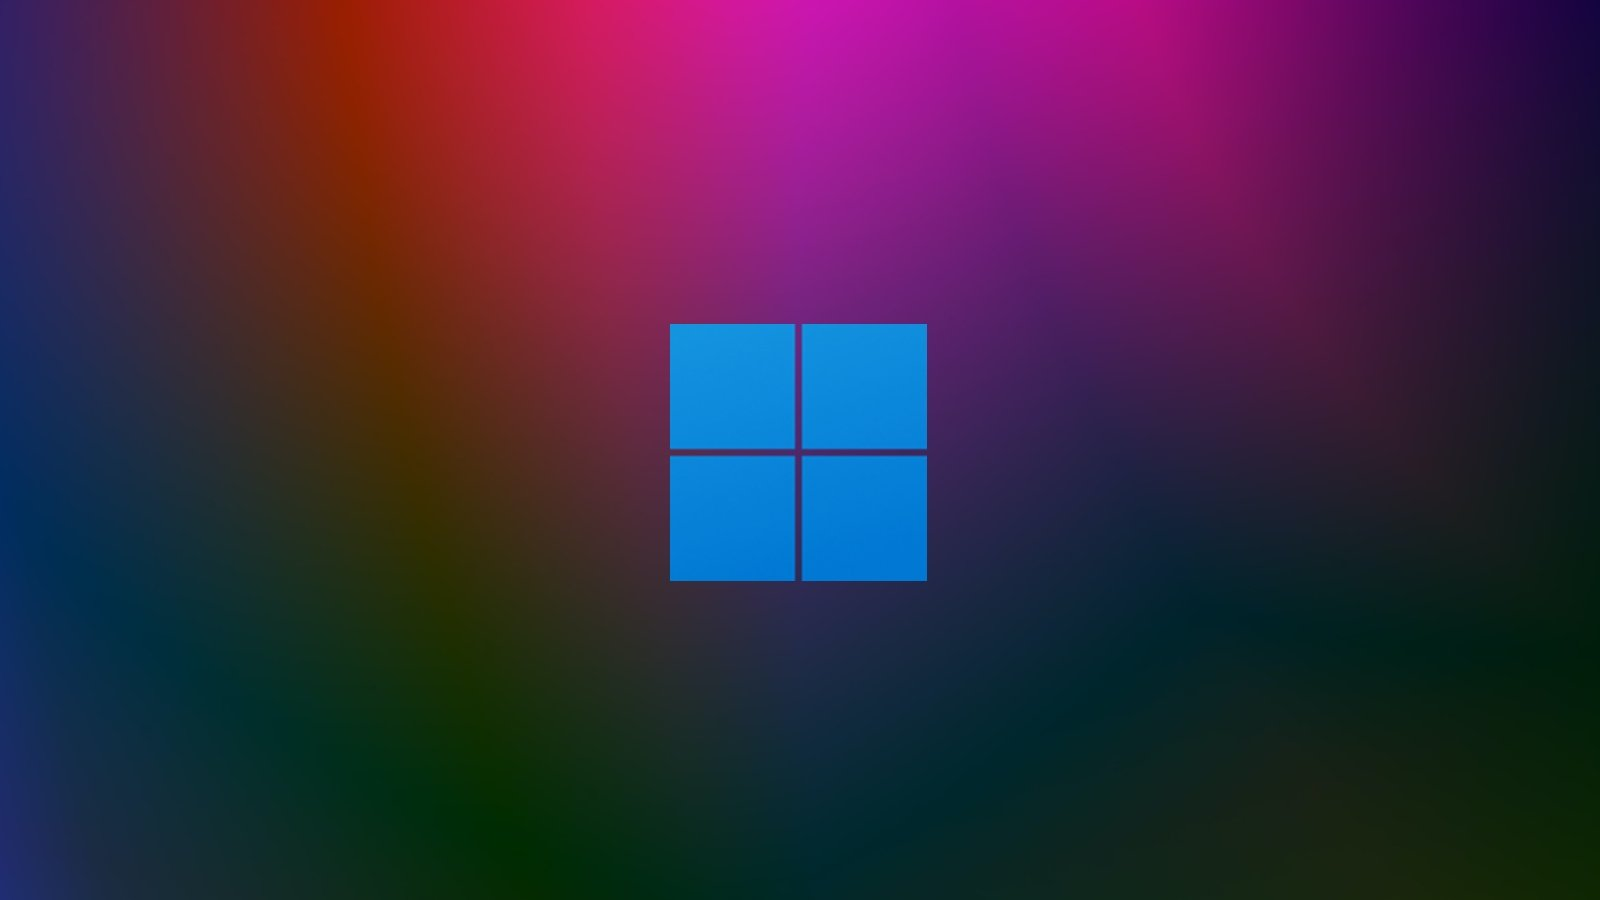 چطور از ابزارک های ویندوز 11 استفاده کنیم؟ تمام رازها در 5 نکته